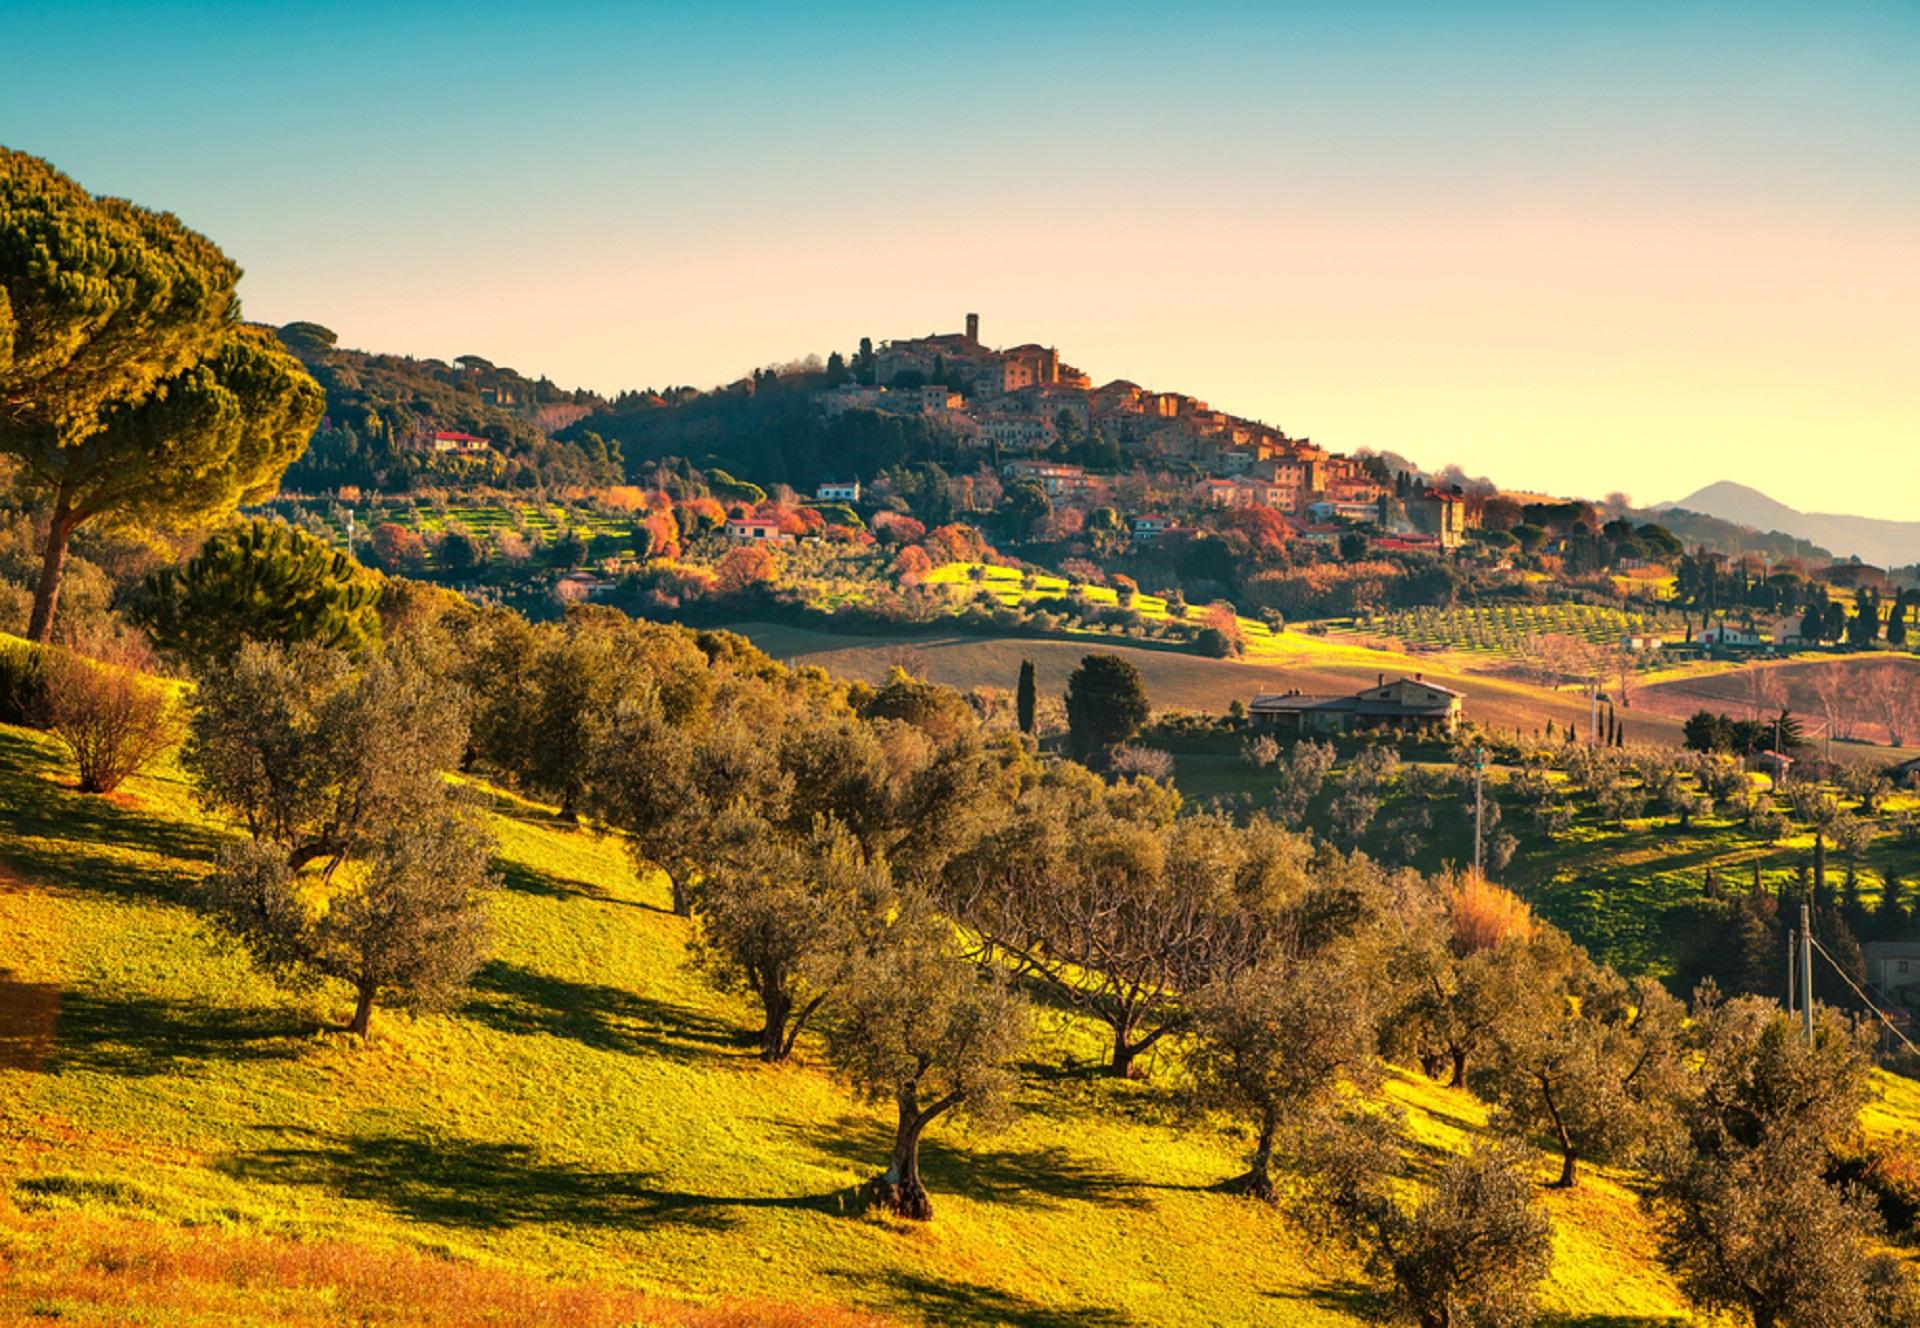 Tuscany, Italy_575712685